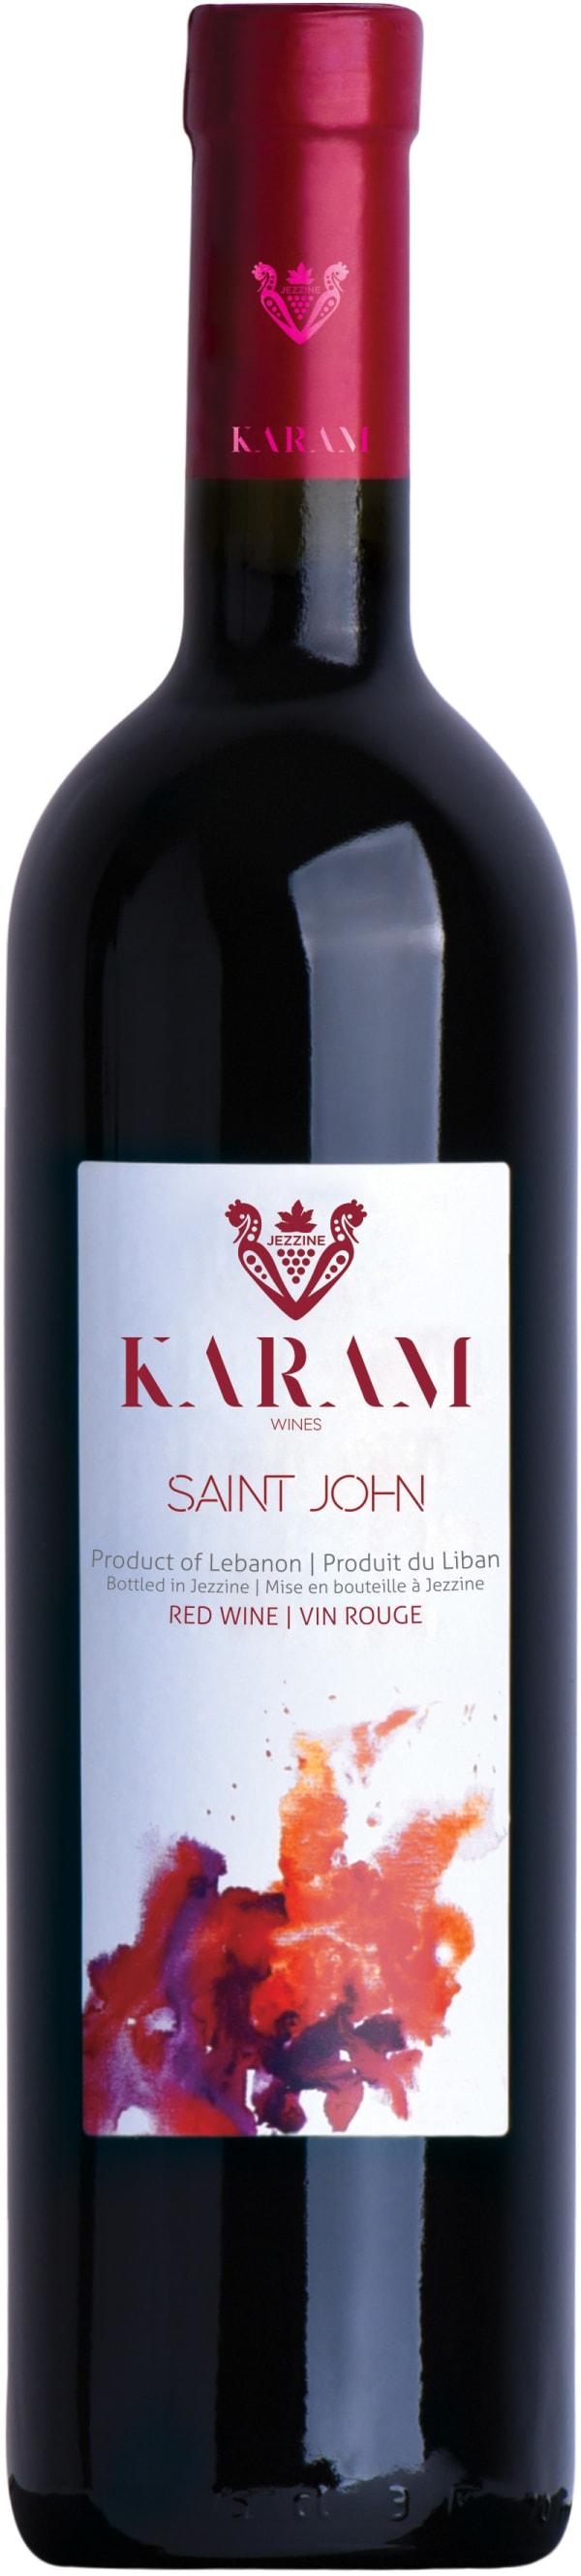 Karam Saint John Rouge 2012